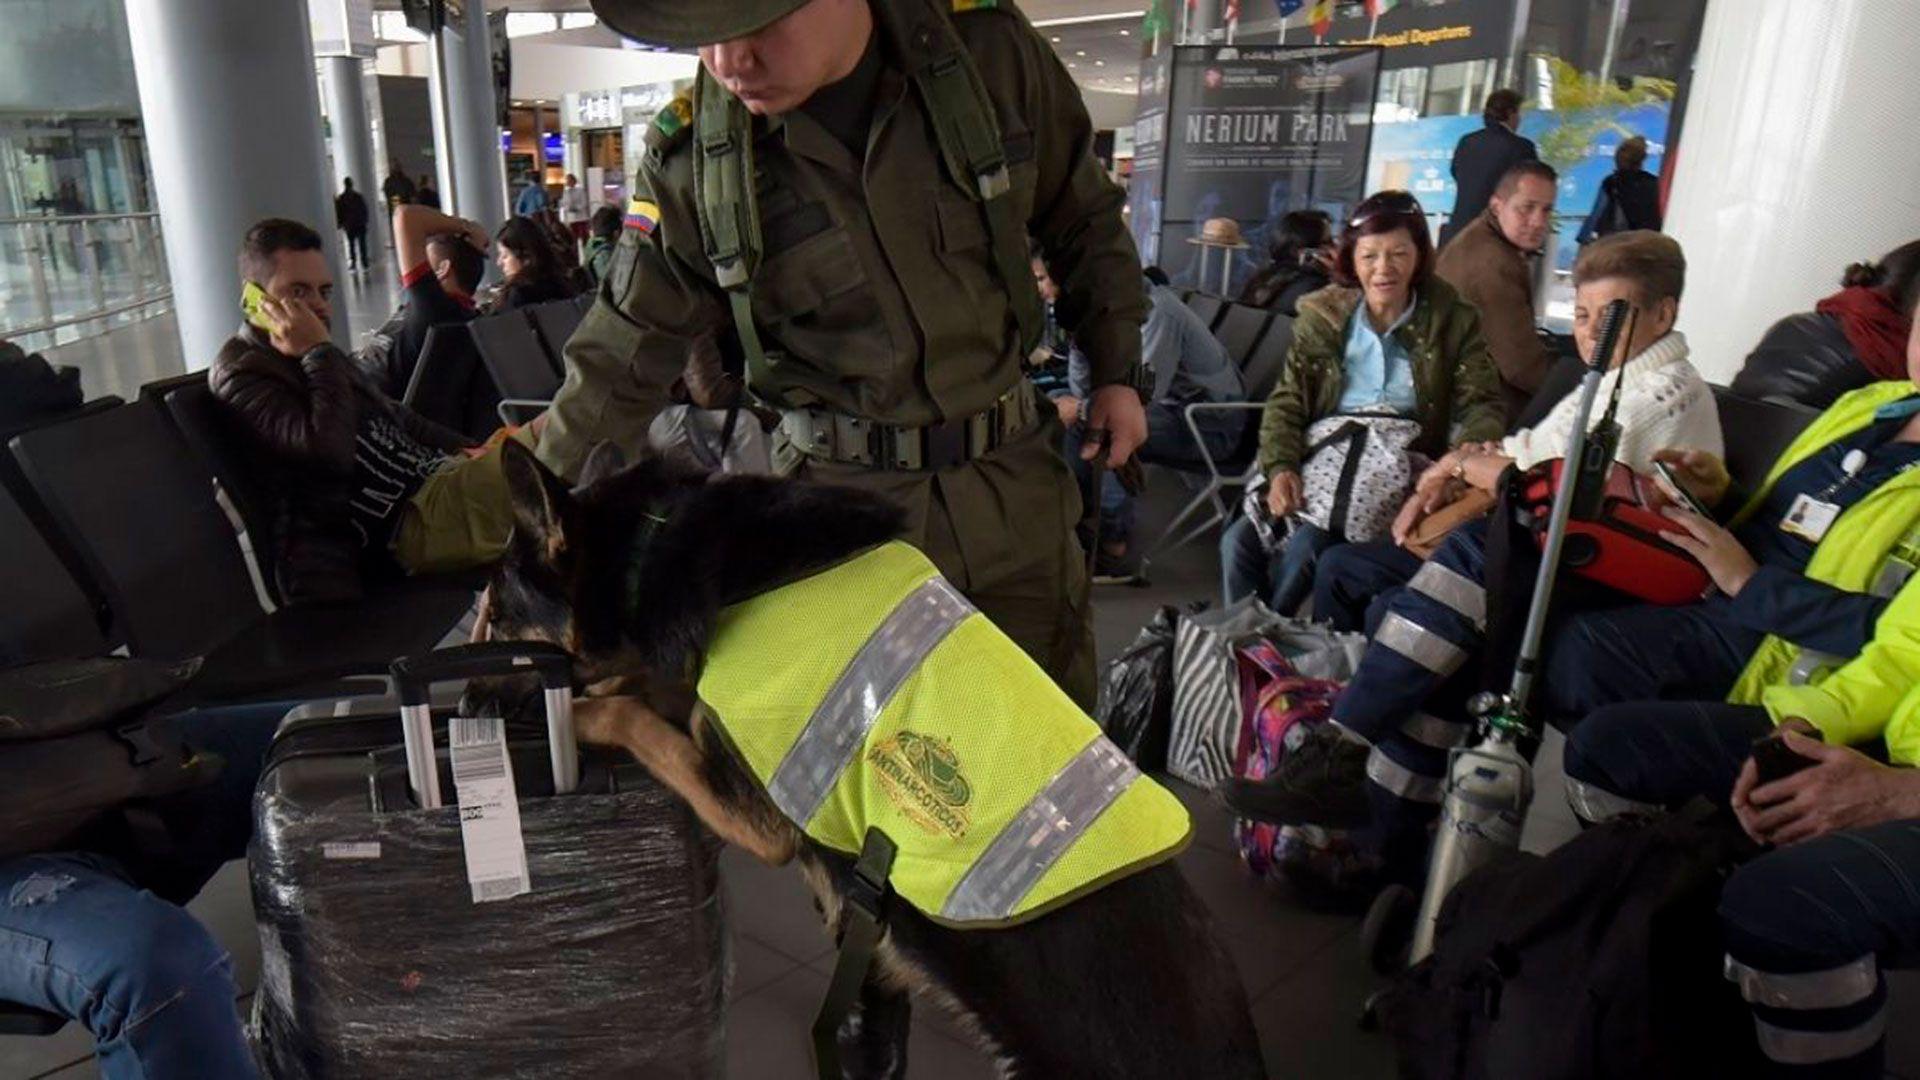 Los oficiales notaron una actitud rara en la mujer que se dirigía a Madrid desde Cali